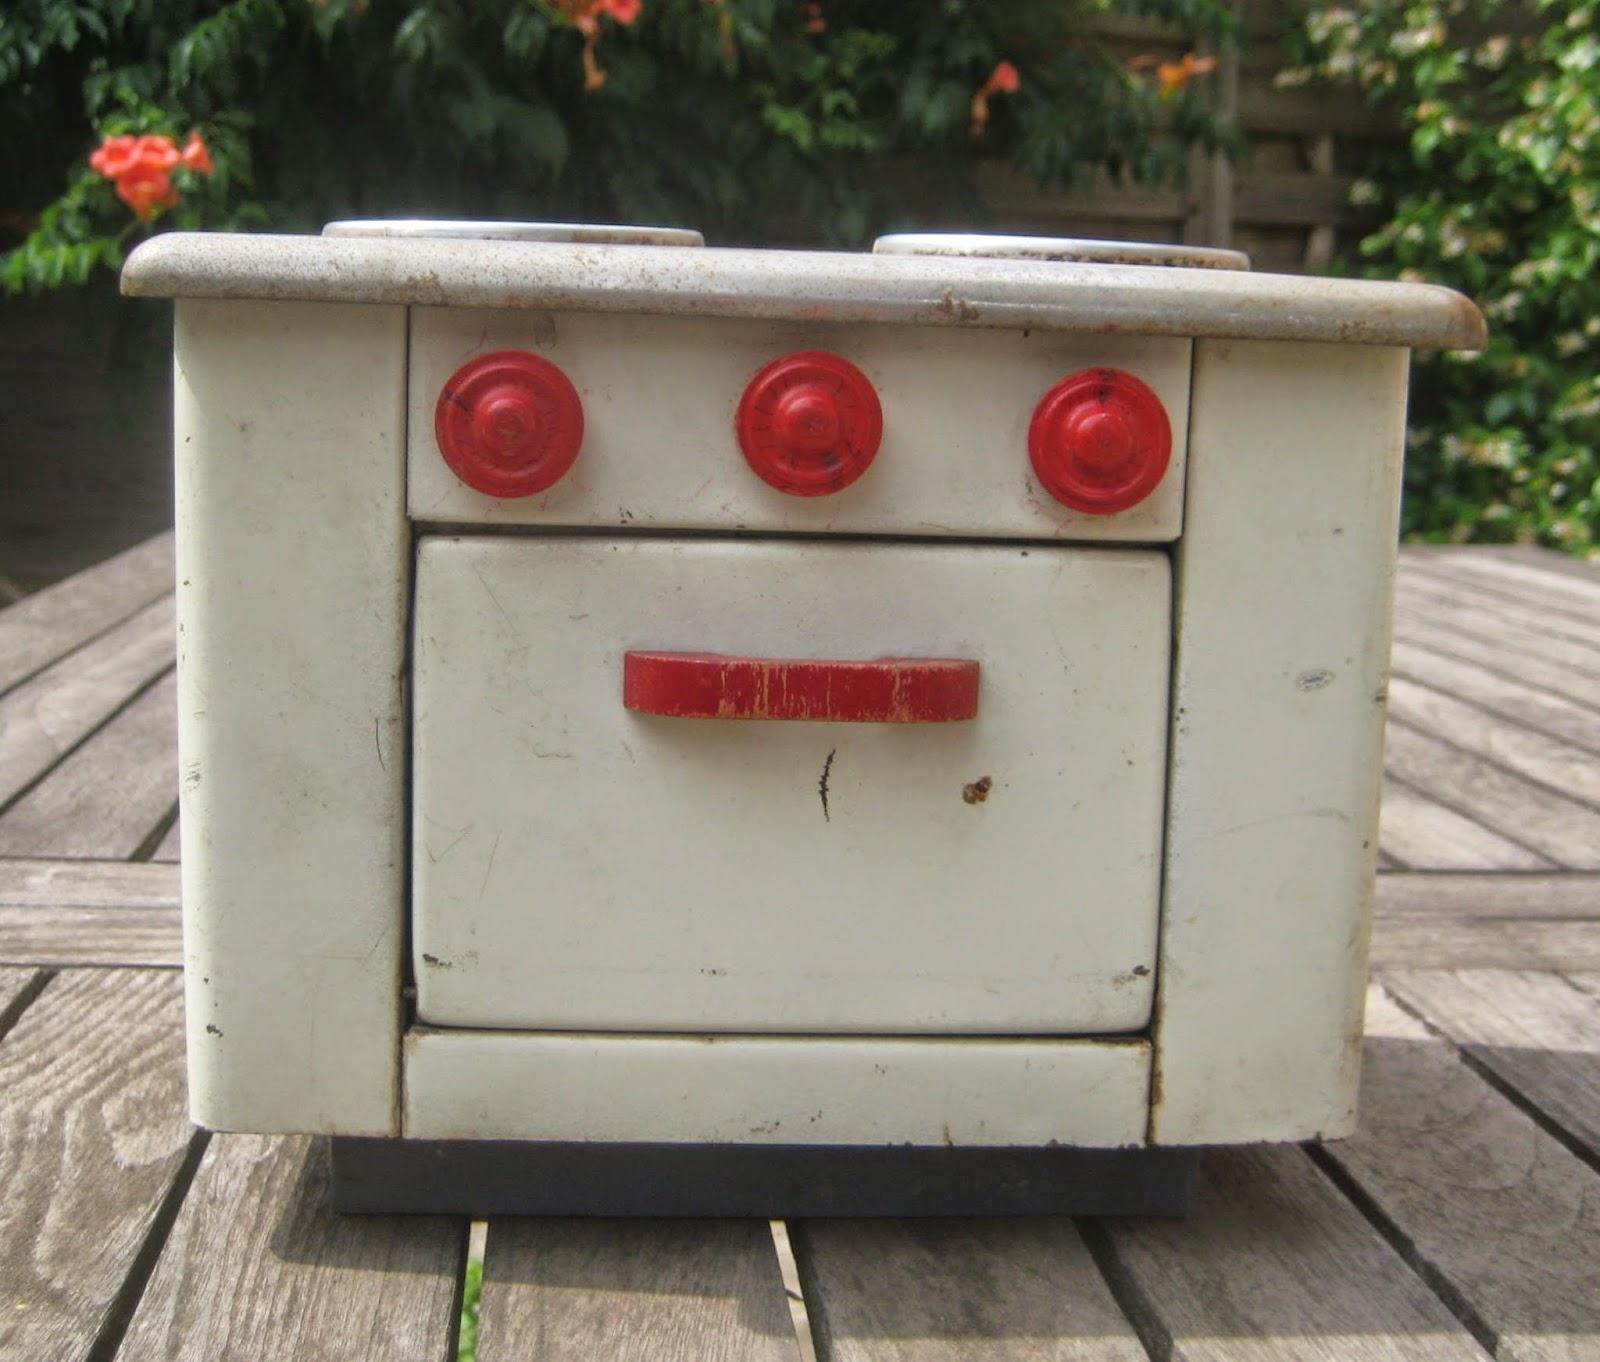 Petite cuisini re jouet vintage ann es 50 60 t le peinte for Brocante dans 60